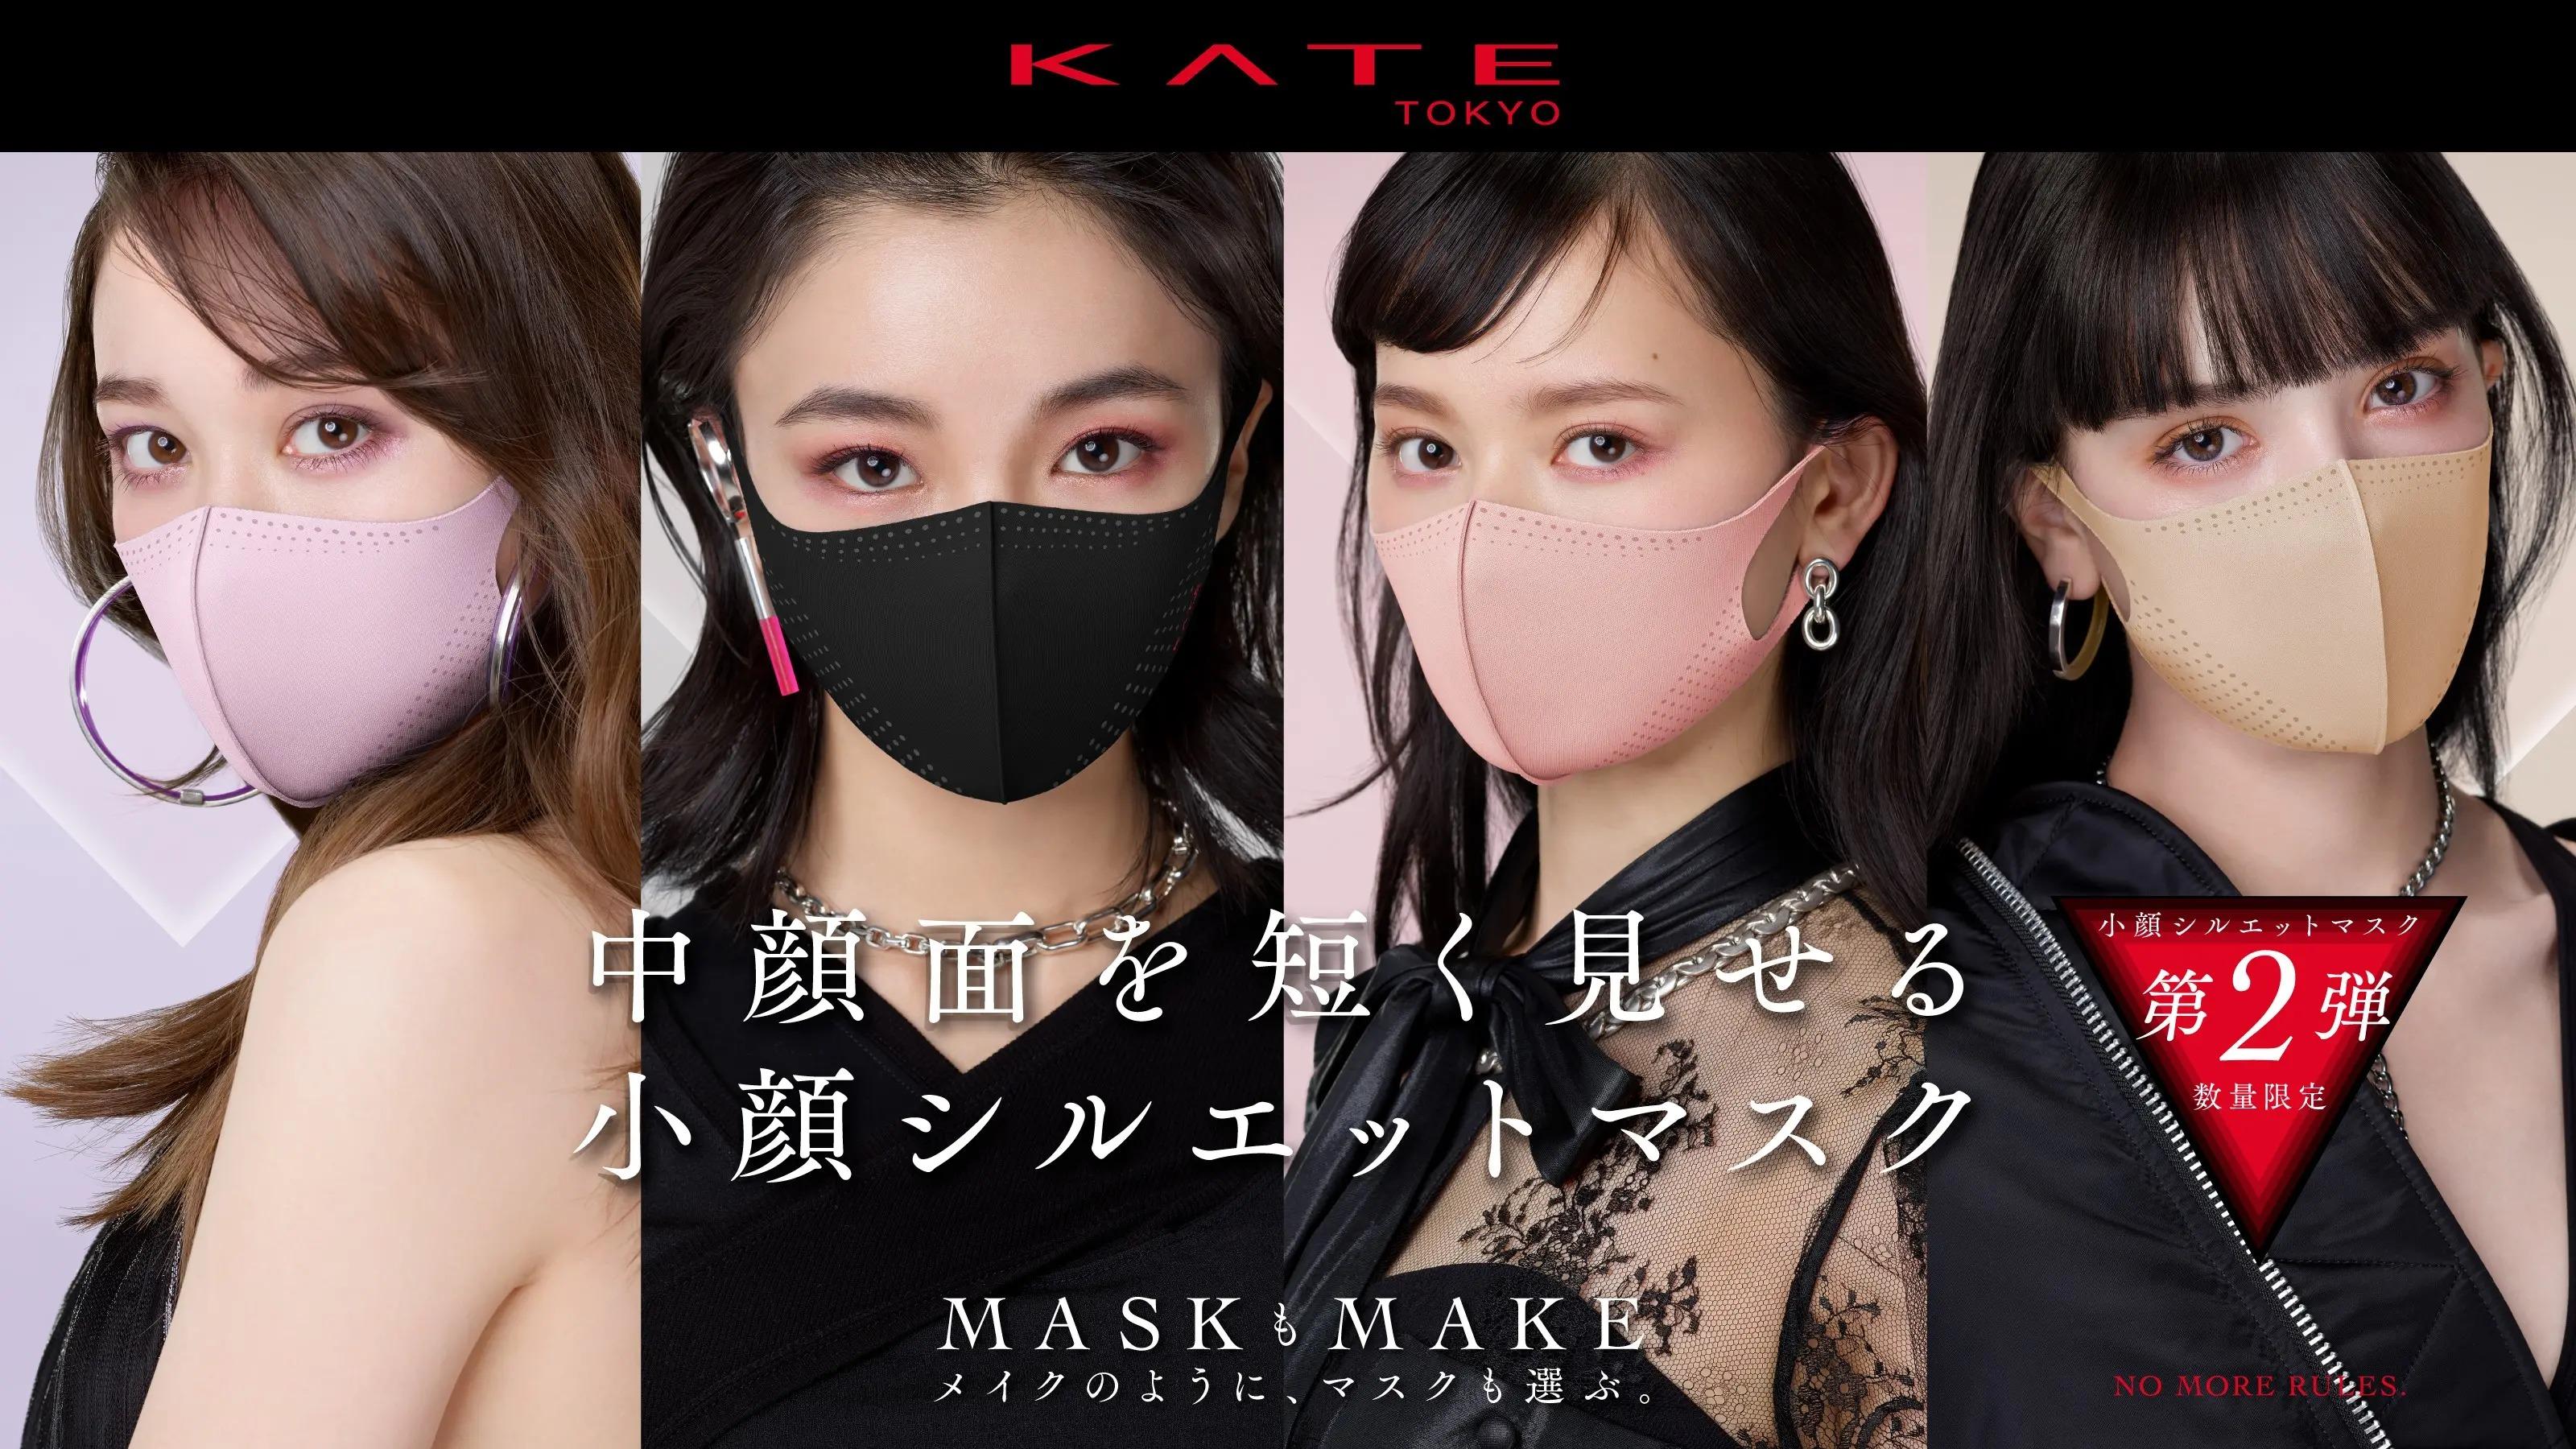 「ケイト」の小顔シルエットマスク